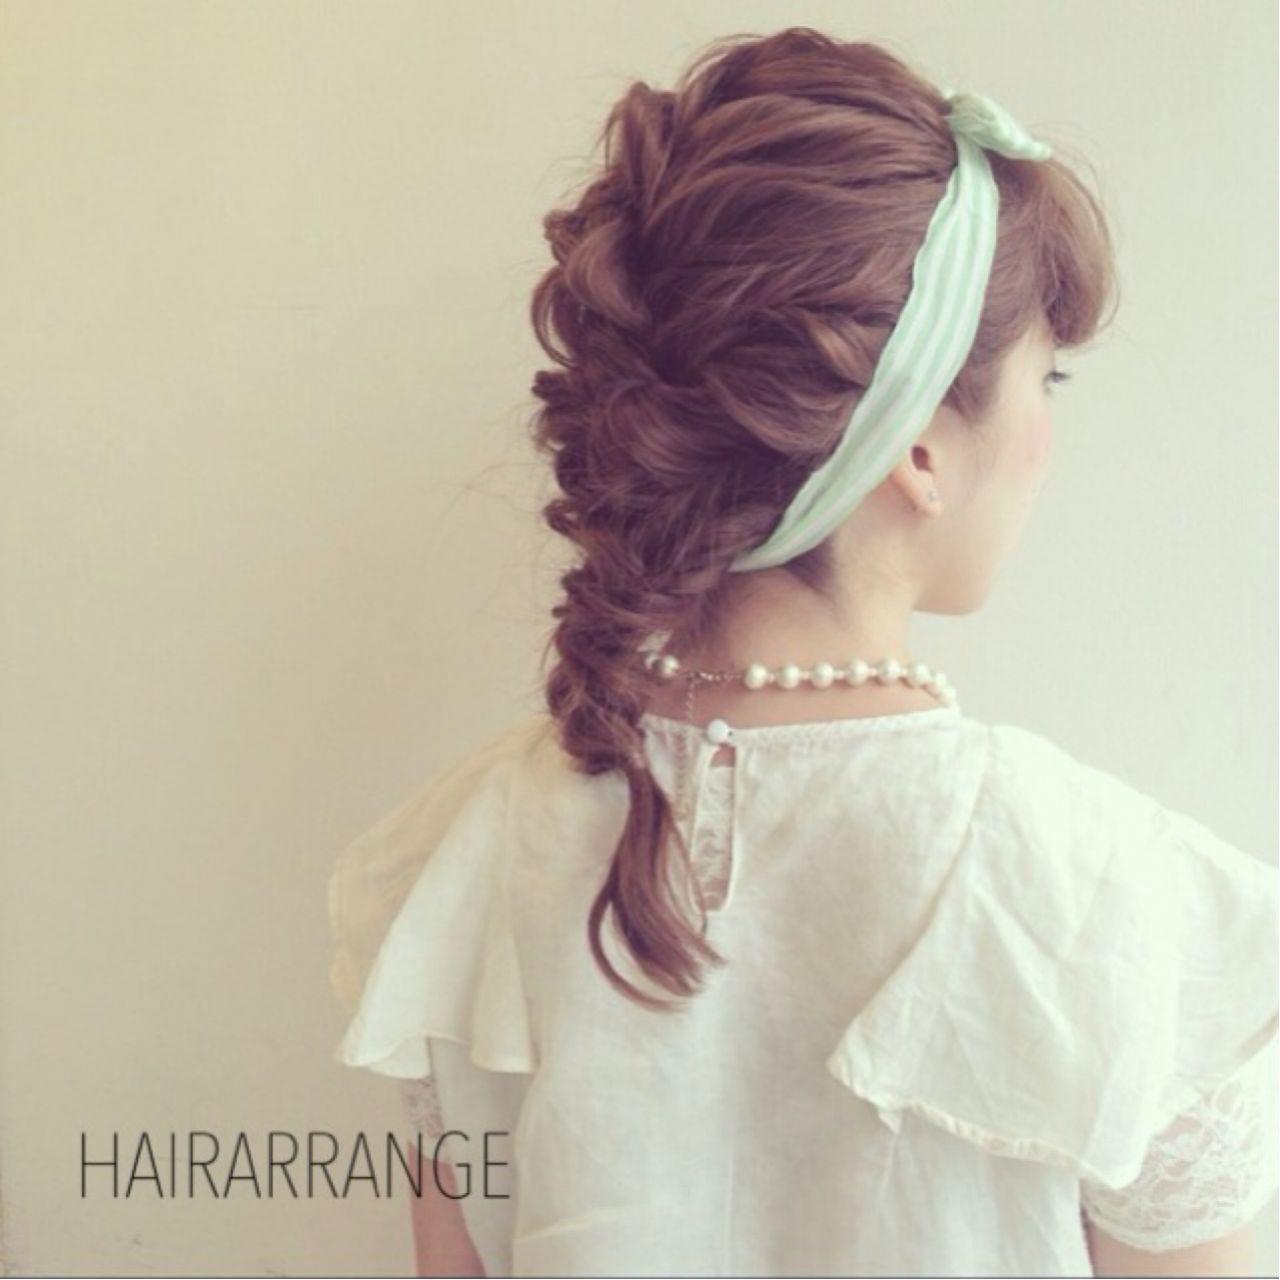 ナチュラル 夏 お祭り 三つ編み ヘアスタイルや髪型の写真・画像